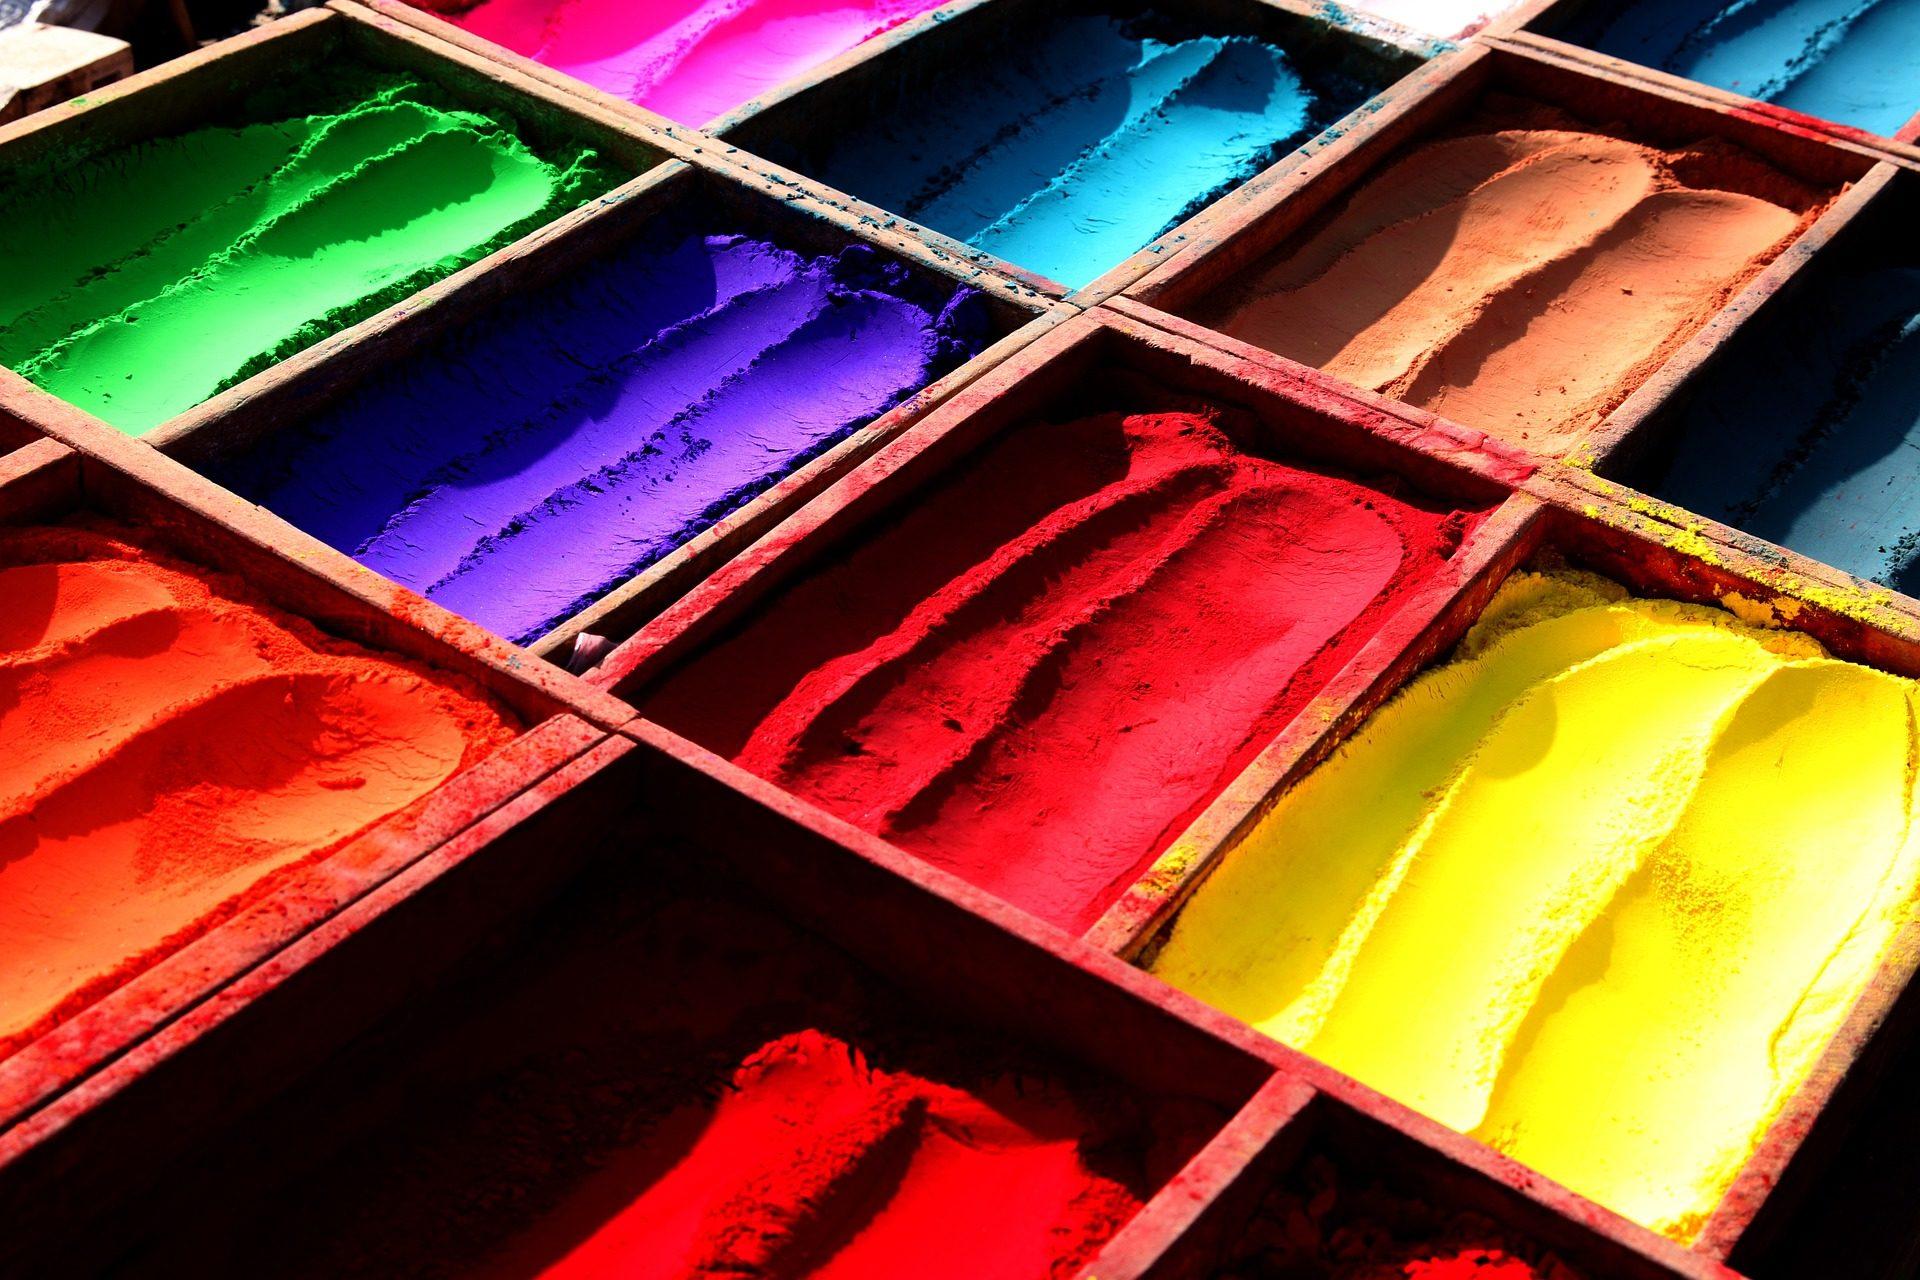 σκόνες, χρώματα, Holi, Φεστιβάλ, Νεπάλ, Ινδία - Wallpapers HD - Professor-falken.com